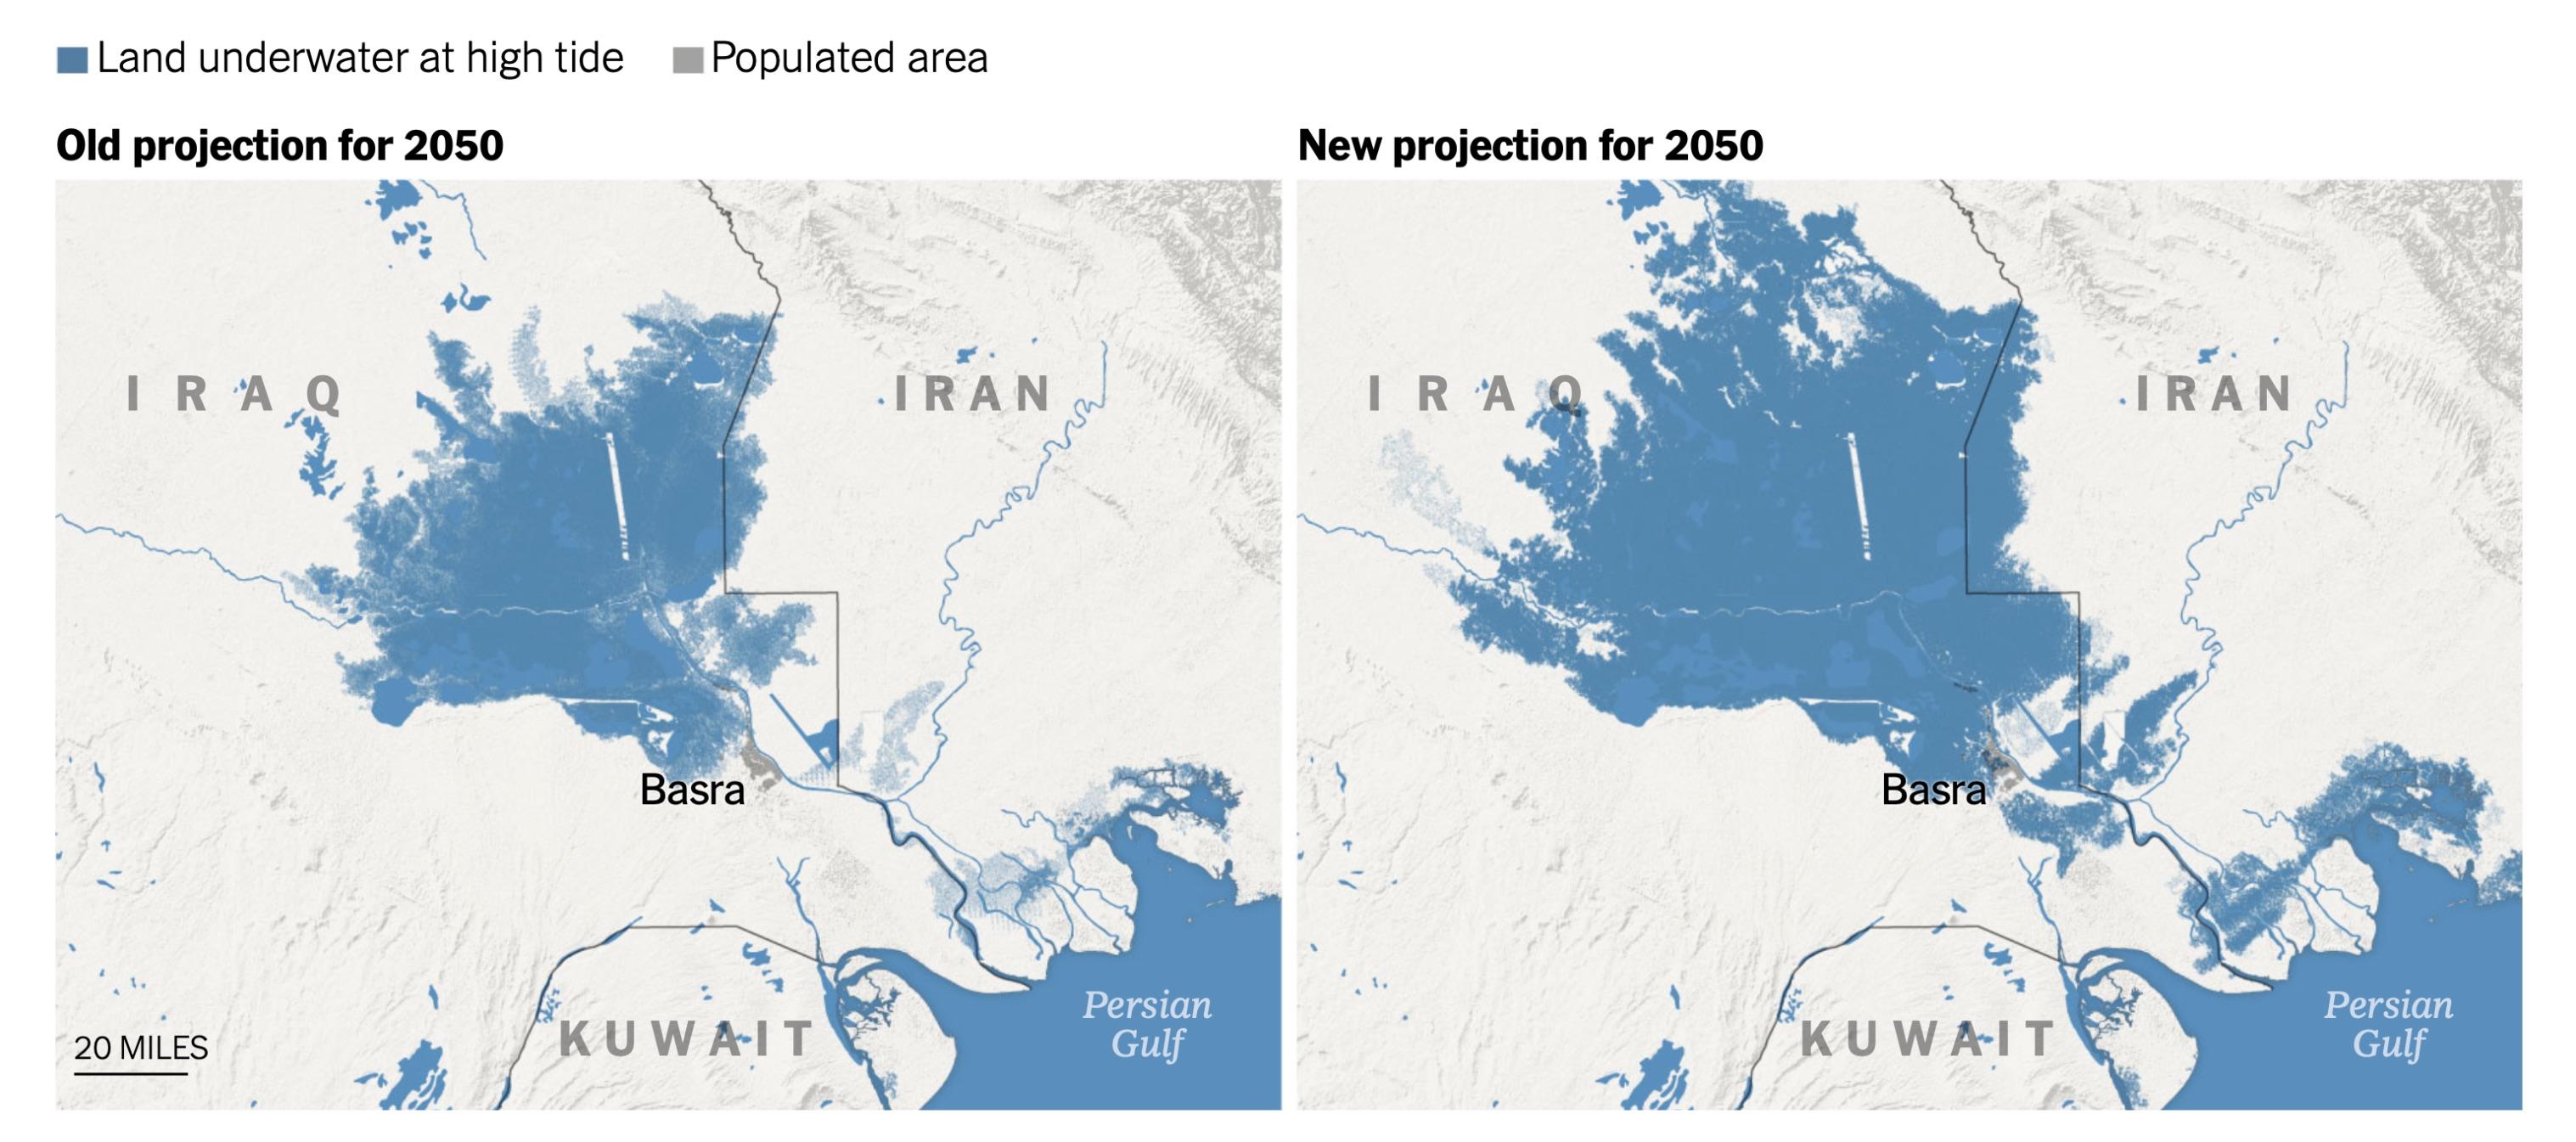 Thảnh phố Basra lớn thứ hai ở Iraq cũng sẽ hầu như bị nhấn chìm vào năm 2050